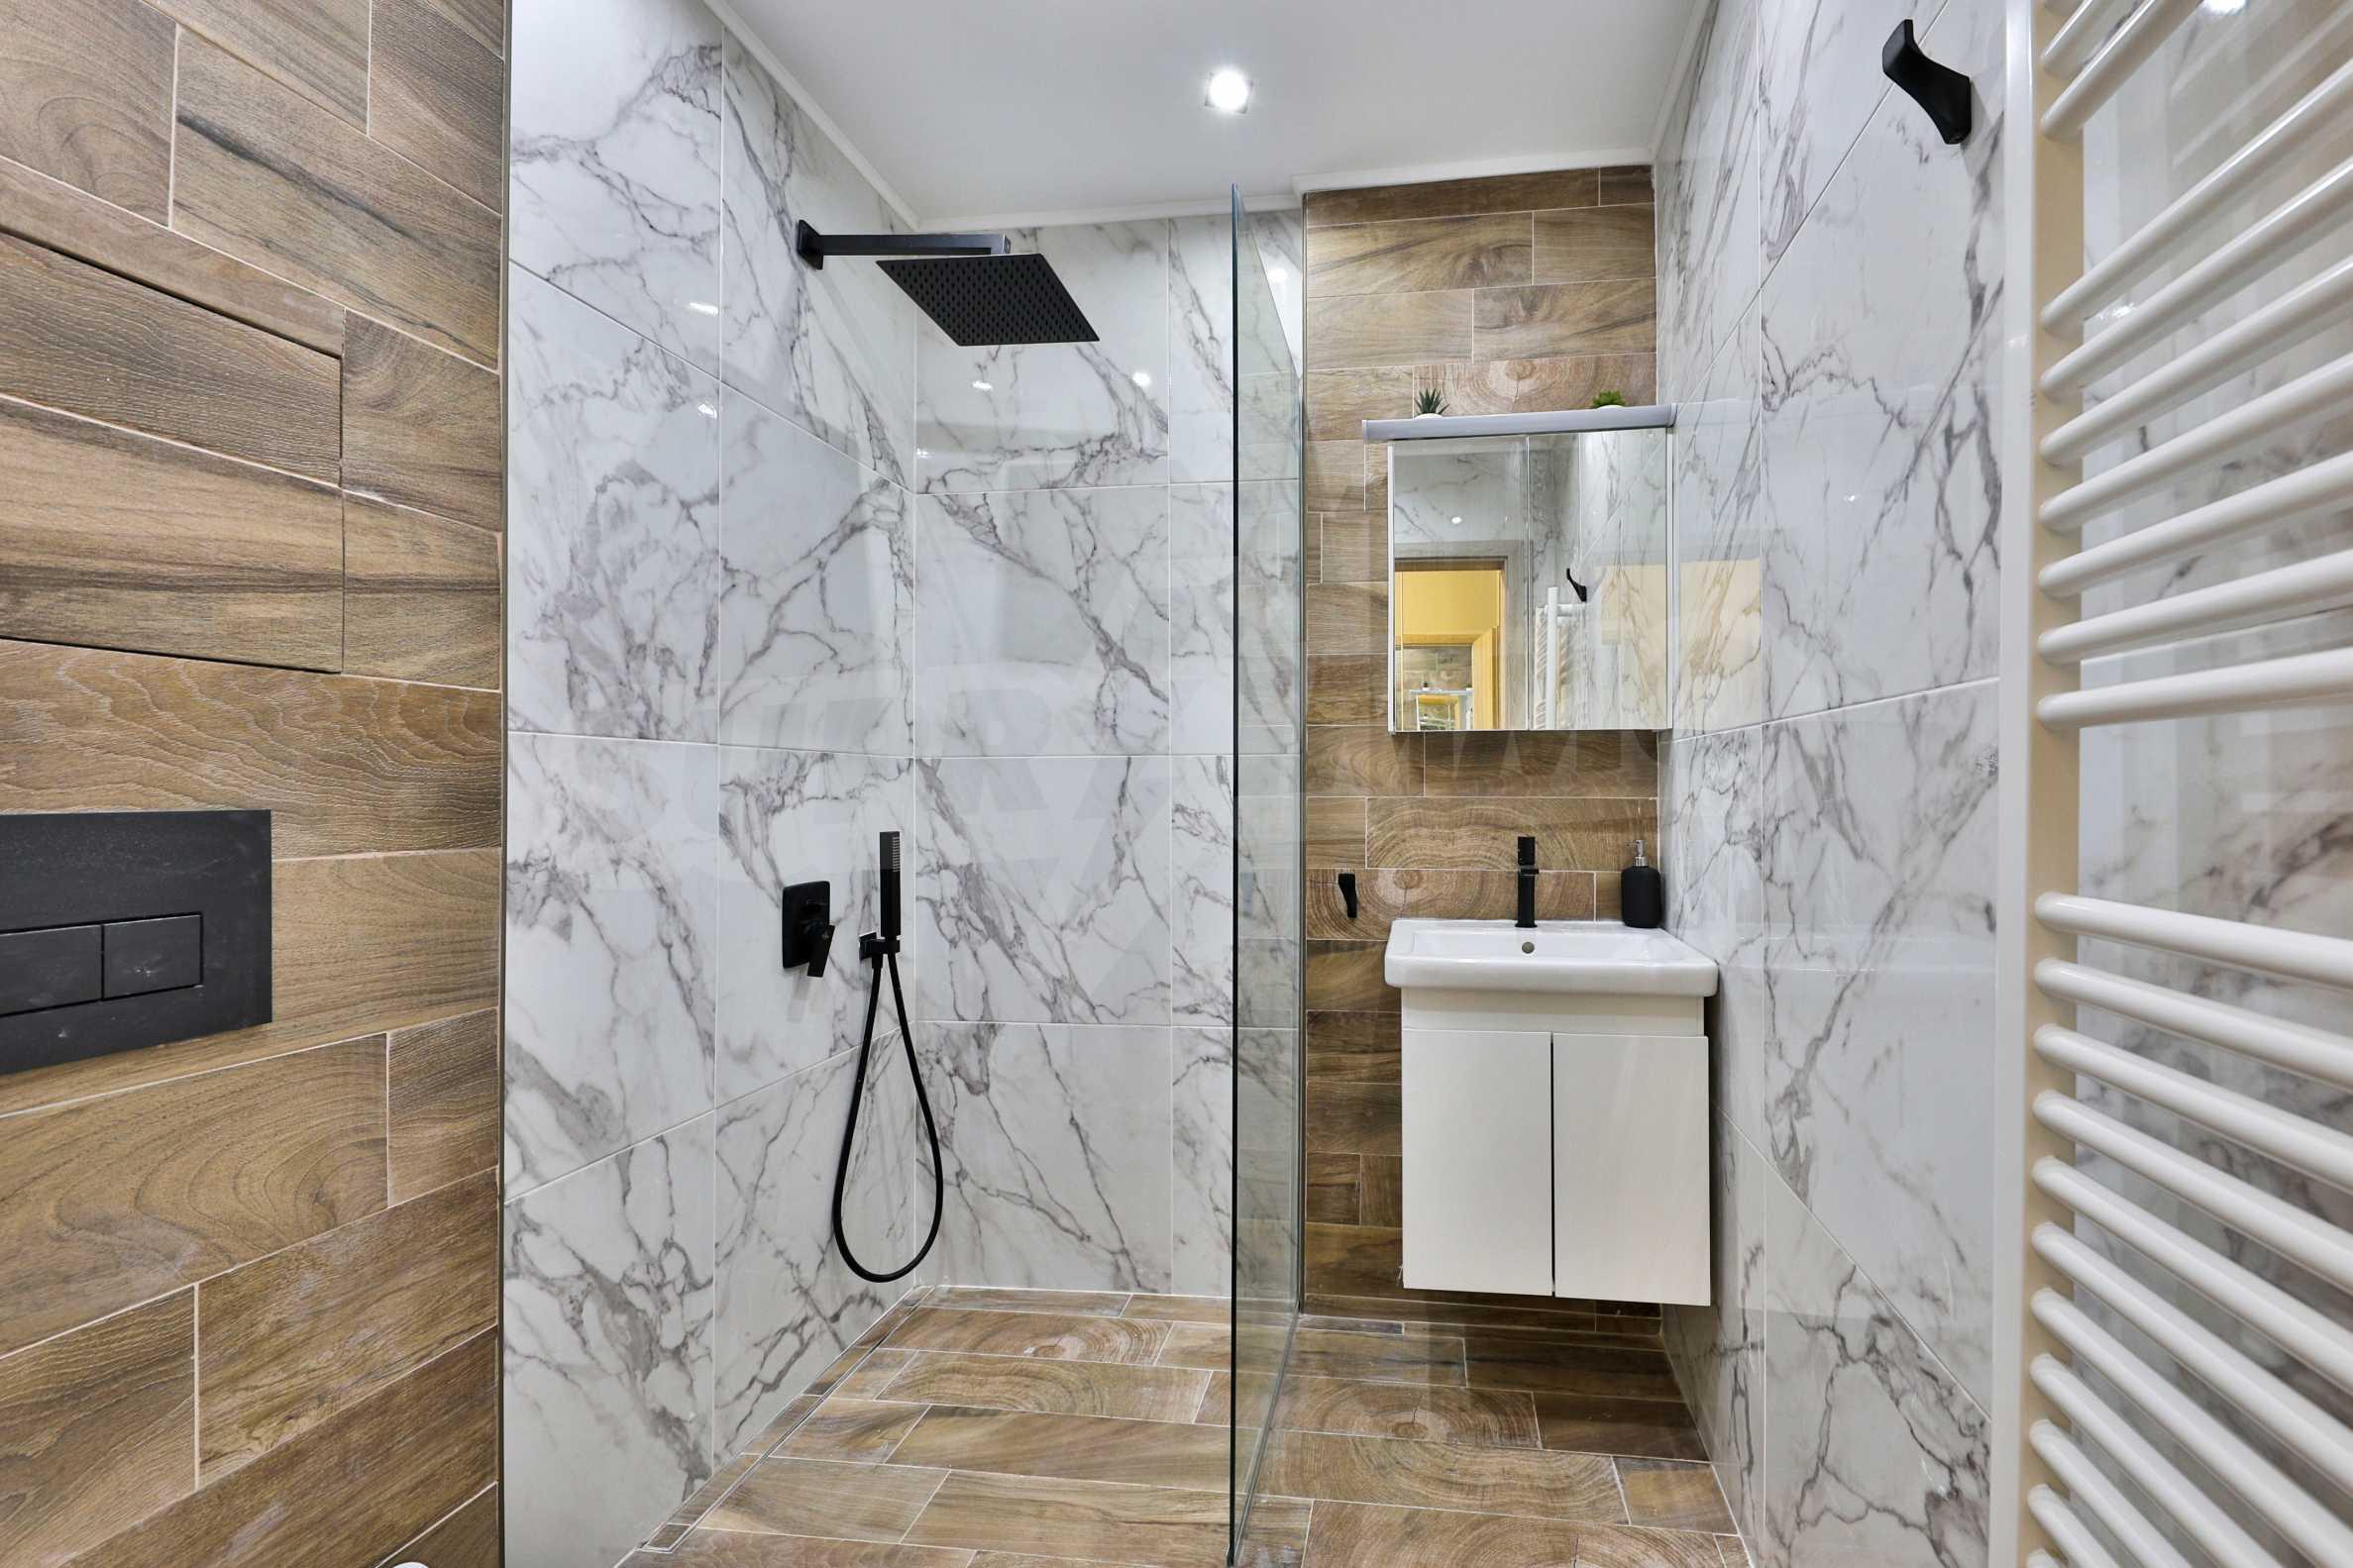 Нов, дизайнерски обзаведен двустаен апартамент с гараж в Центъра до метростанция и парк 13